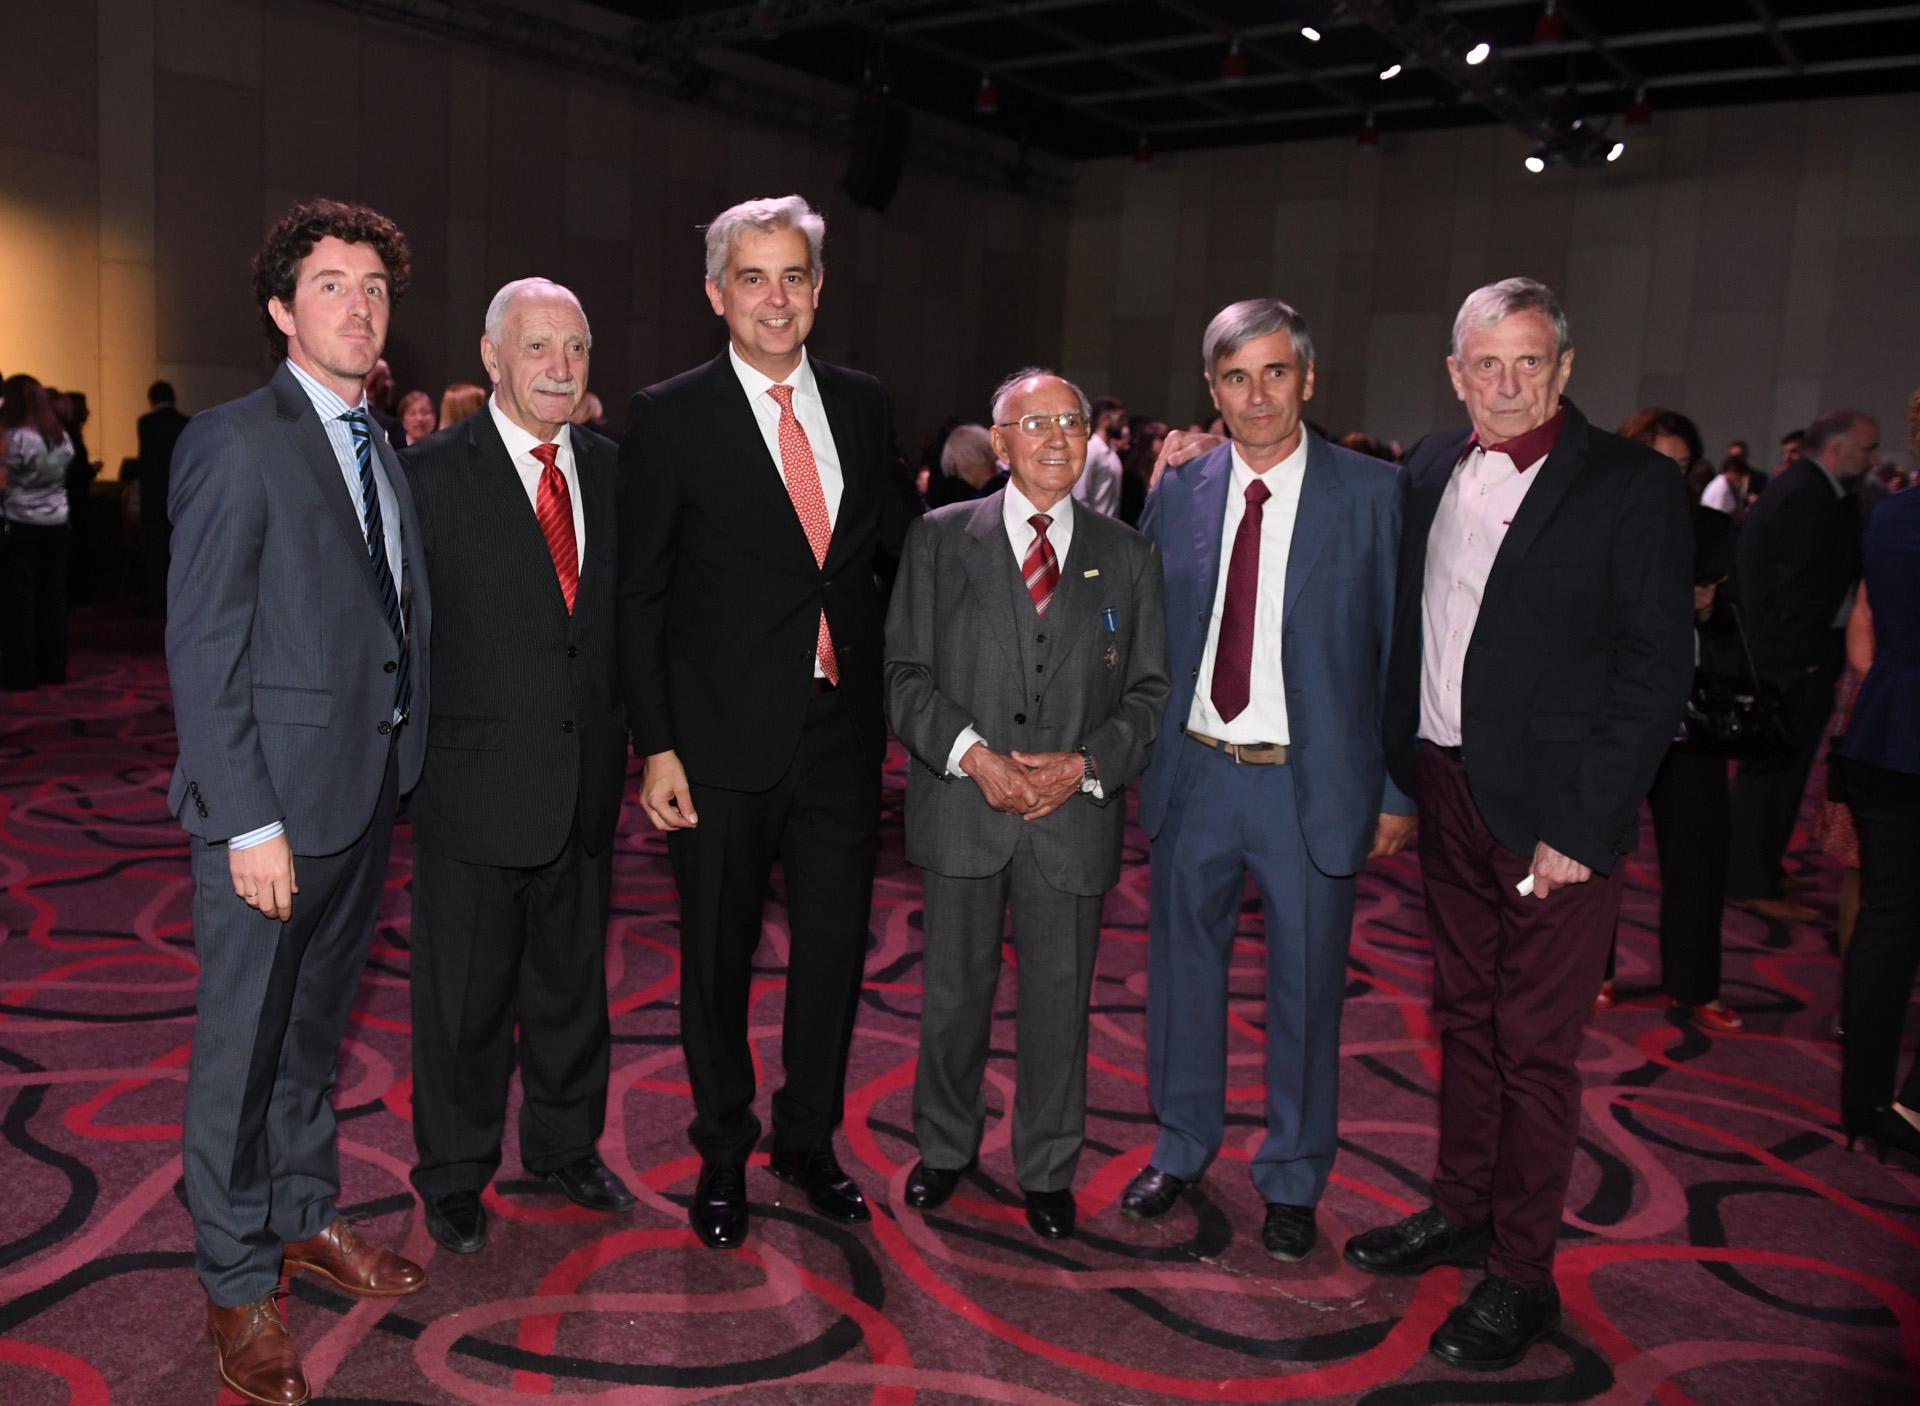 Parte la colectividad española viviendo en Argentina. En total el encuentro reunió a más de 700 invitados